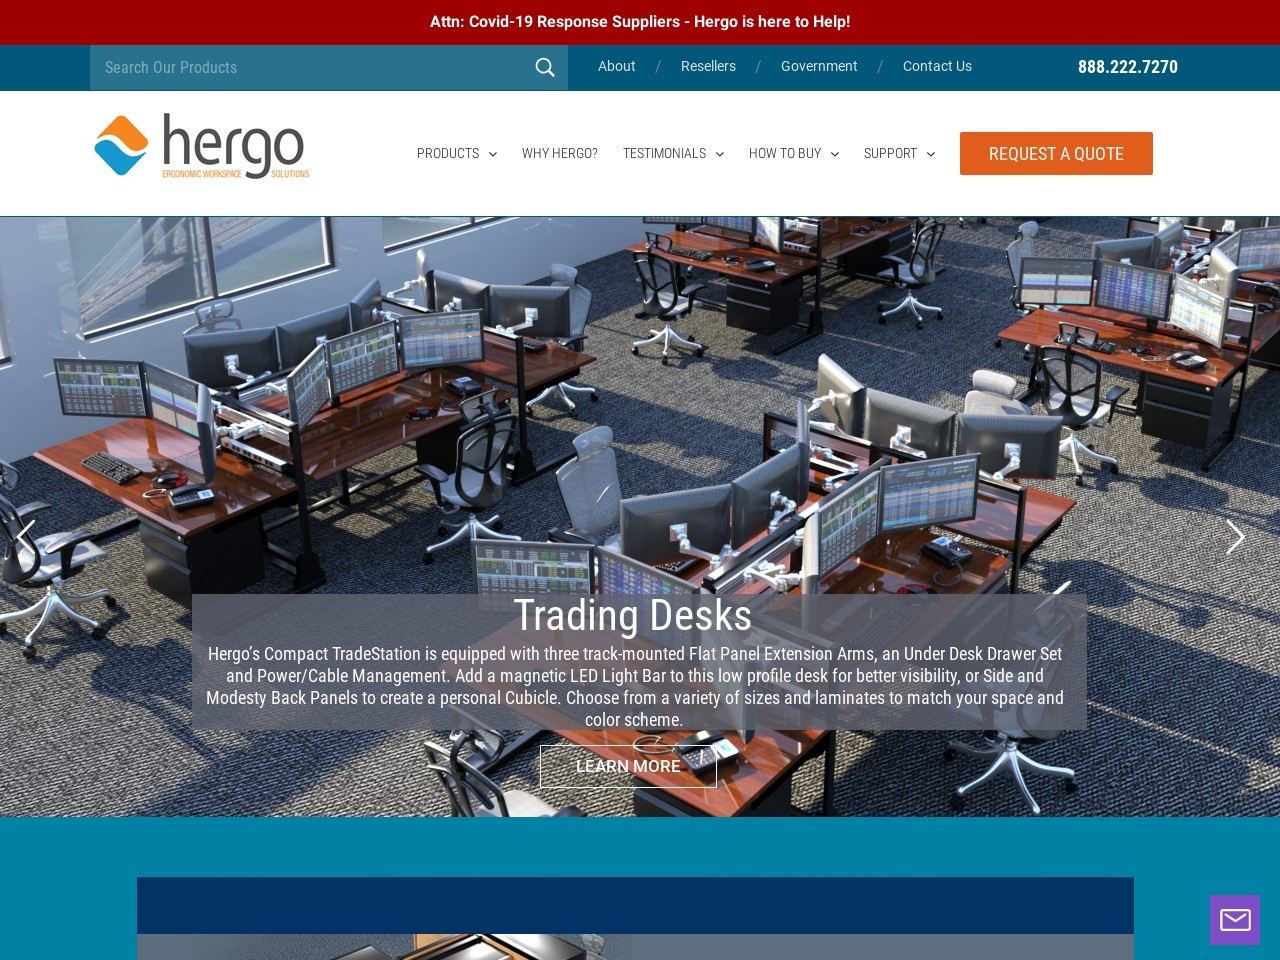 hergo.com